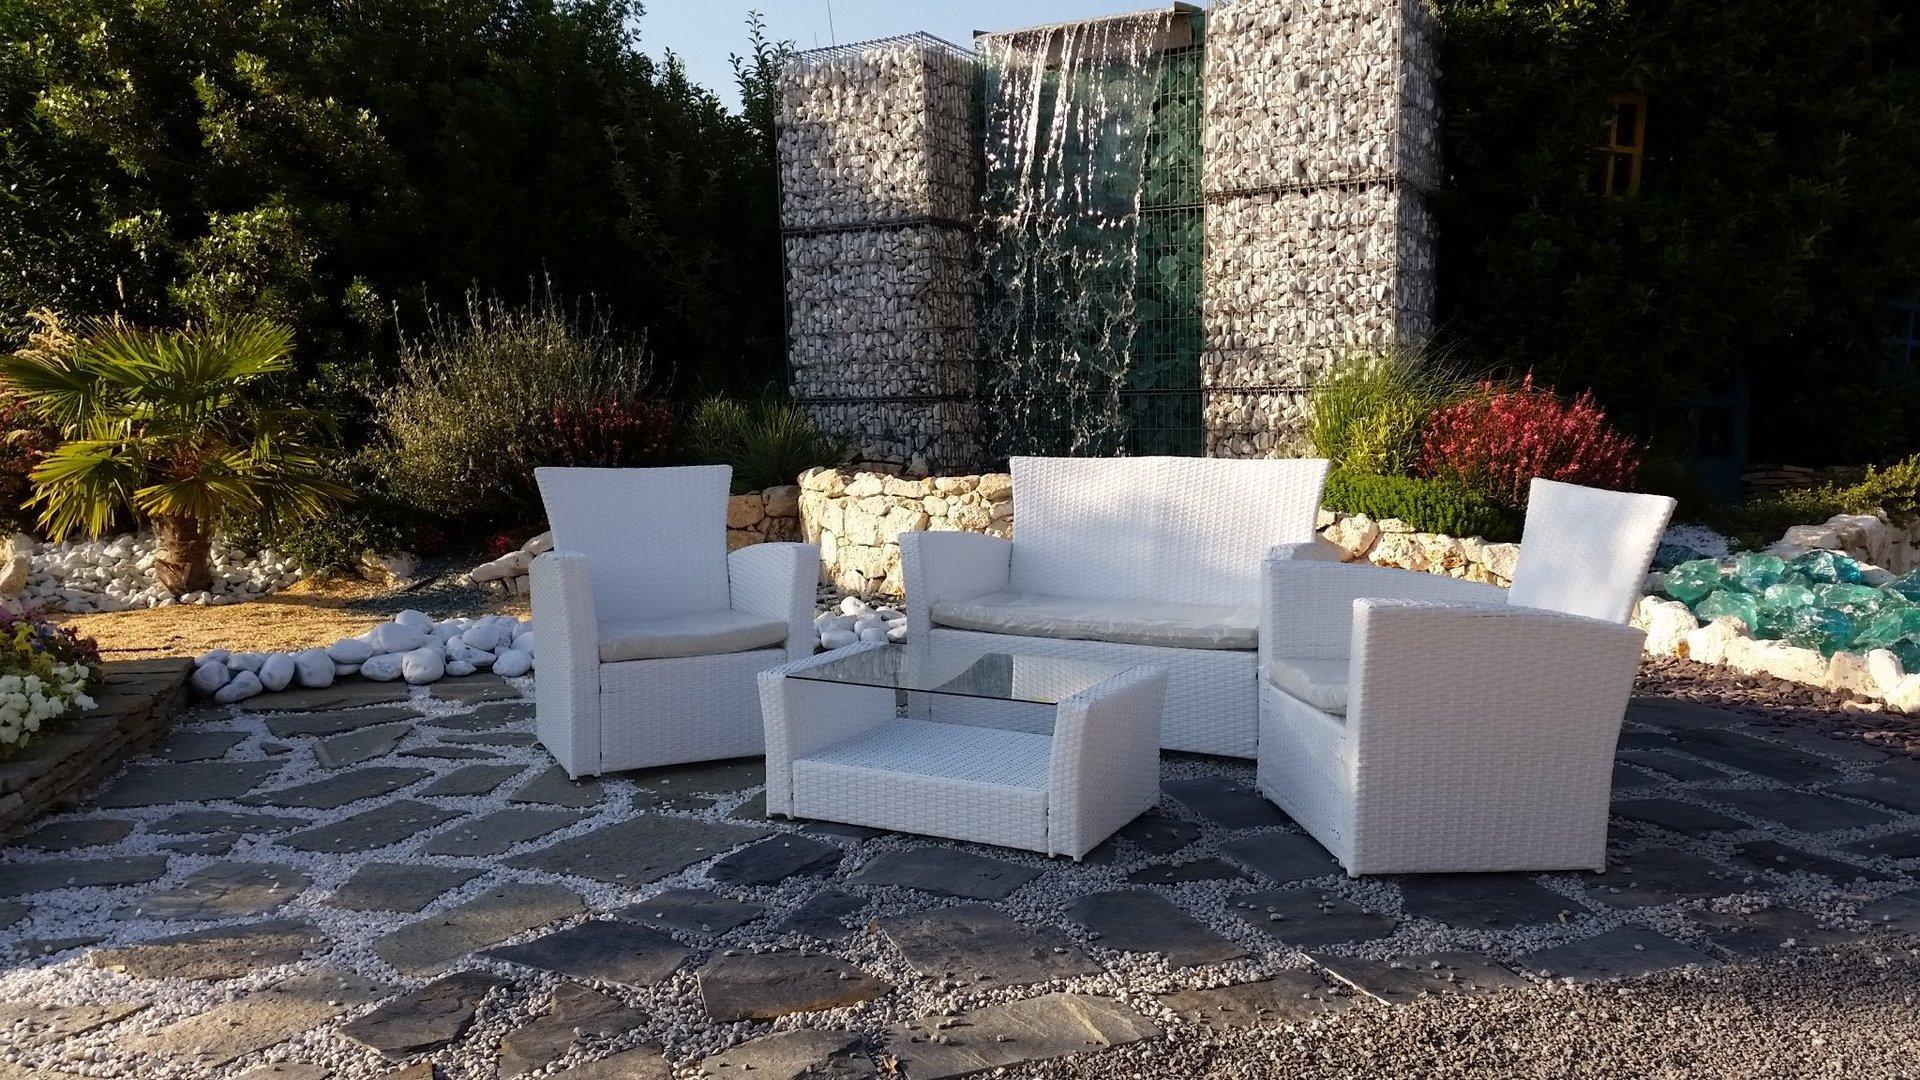 Arredo giardino e esterno bellizzi sa montella prisma for Arredo esterno napoli